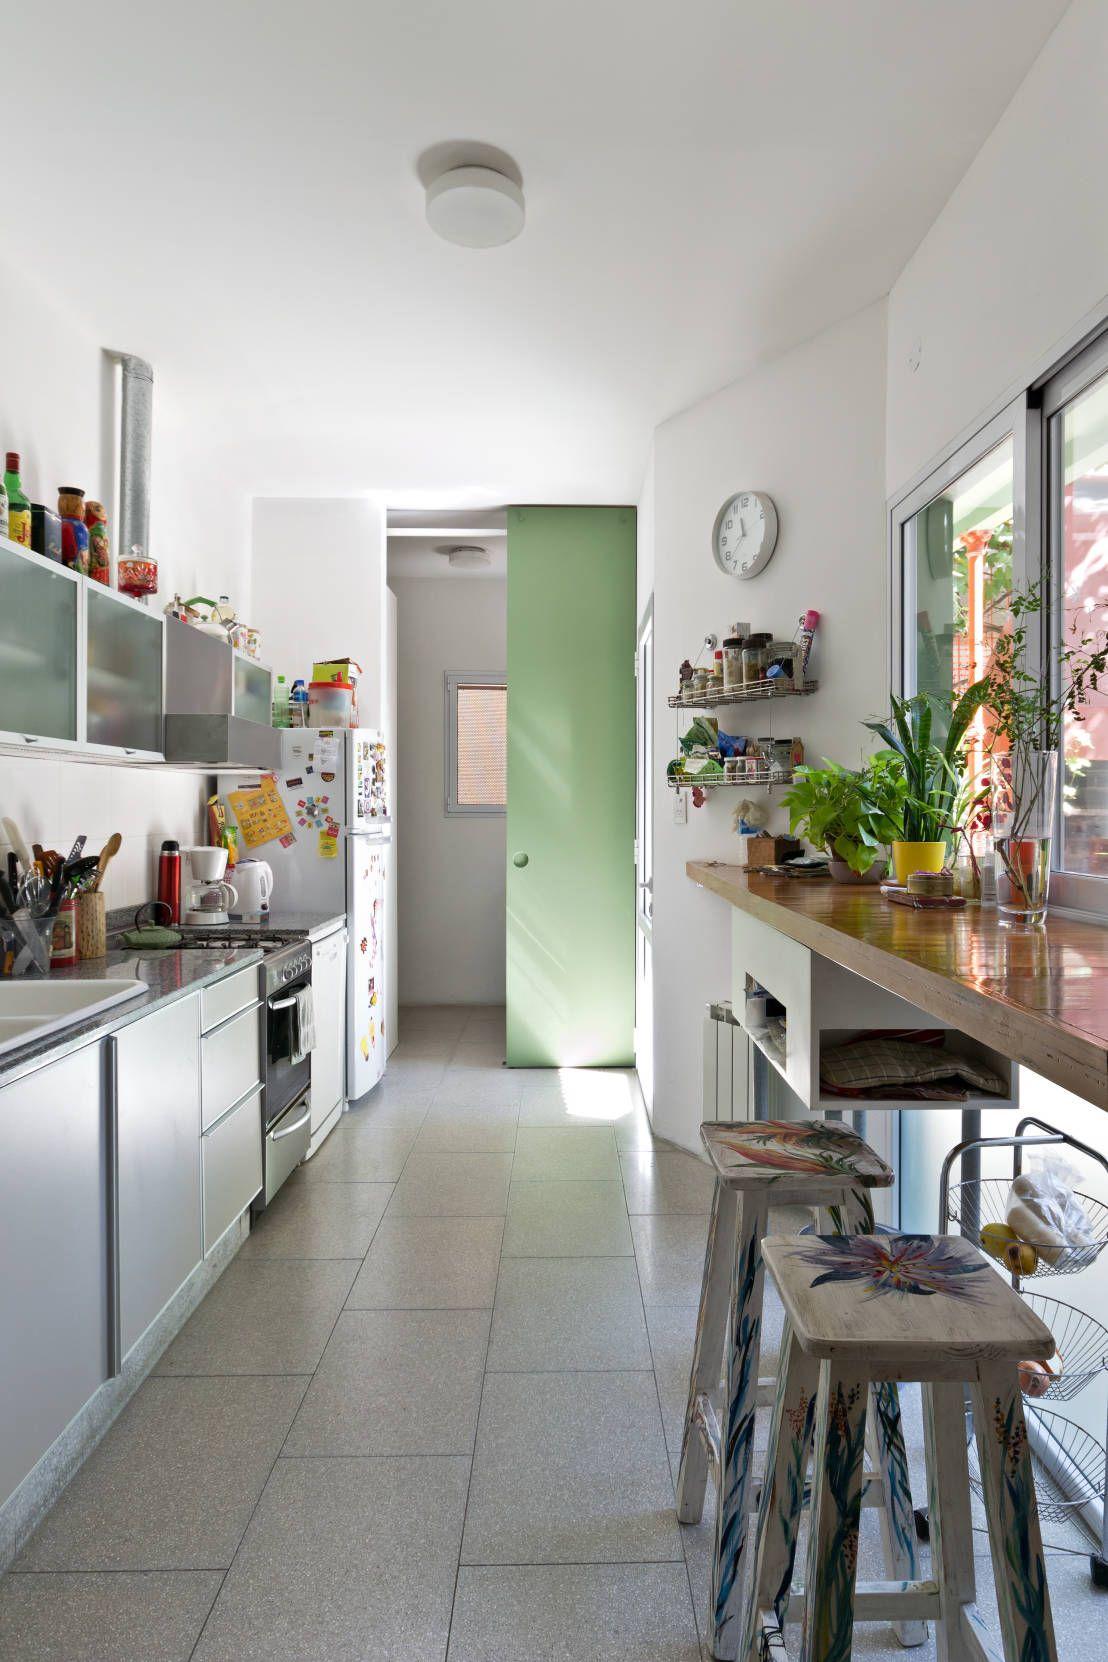 Cocinas estilo galera: Diseños que se adaptan a tu espacio | Diseño ...